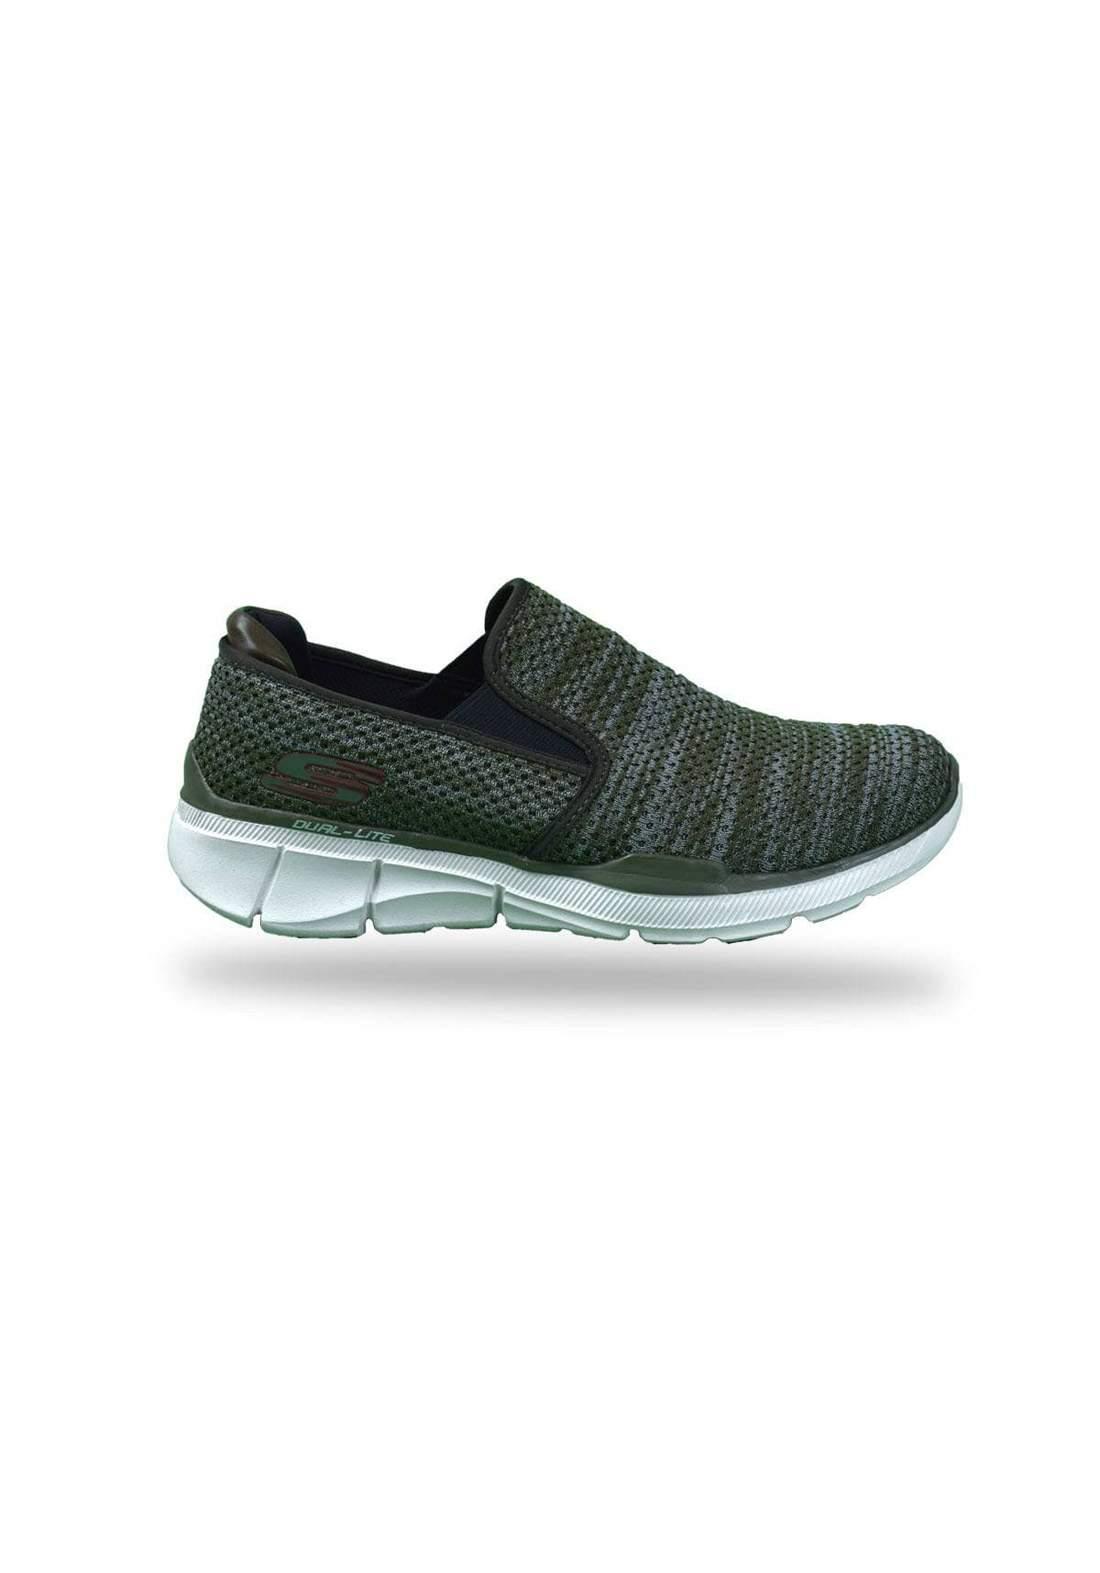 حذاء رياضي زيتوني اللون من skechers